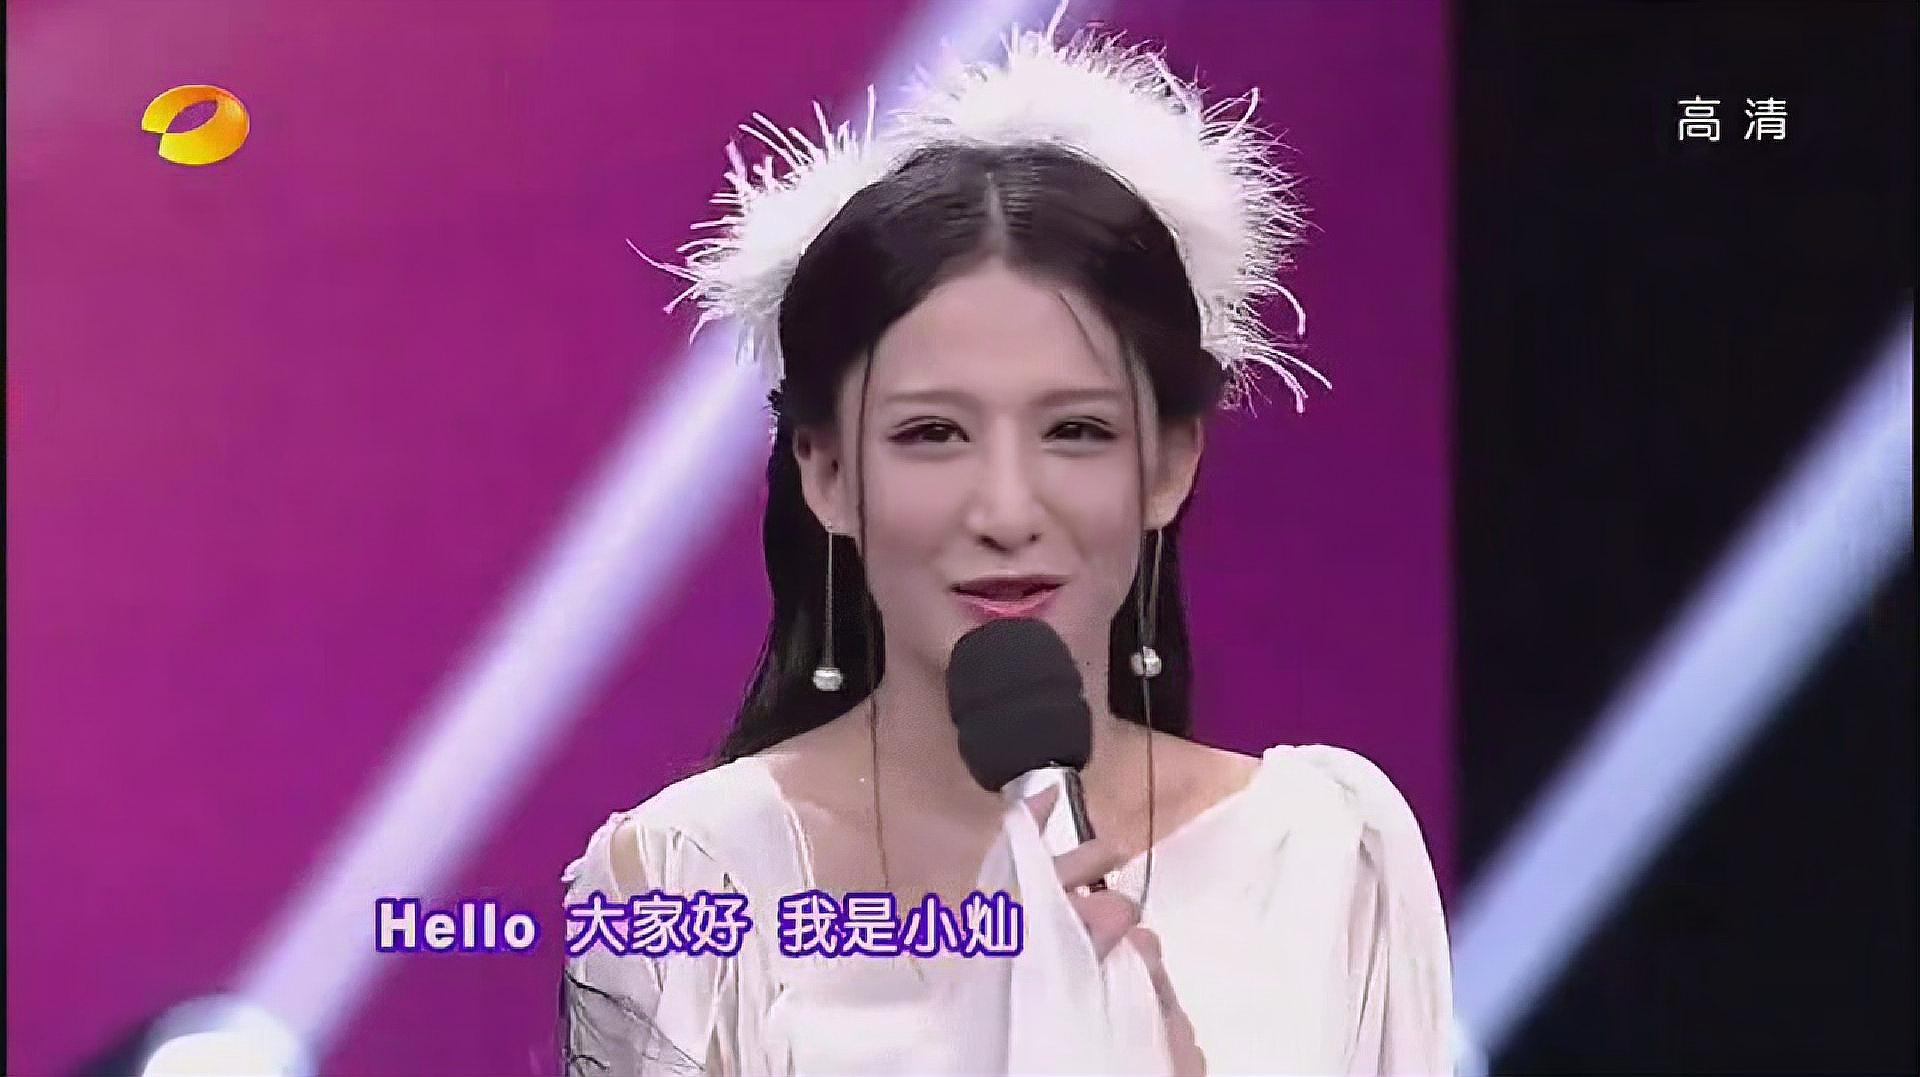 奇舞飞扬:小灿表演《倩女幽魂》,见到他,女人都自愧不如